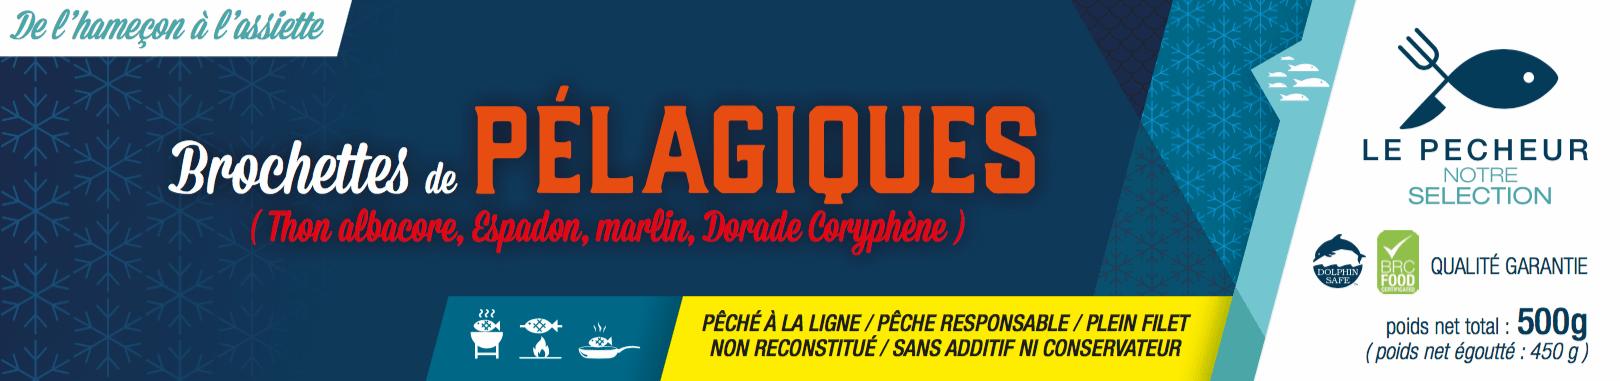 brochettes-de-pelagiques-recto_OPTIM.png